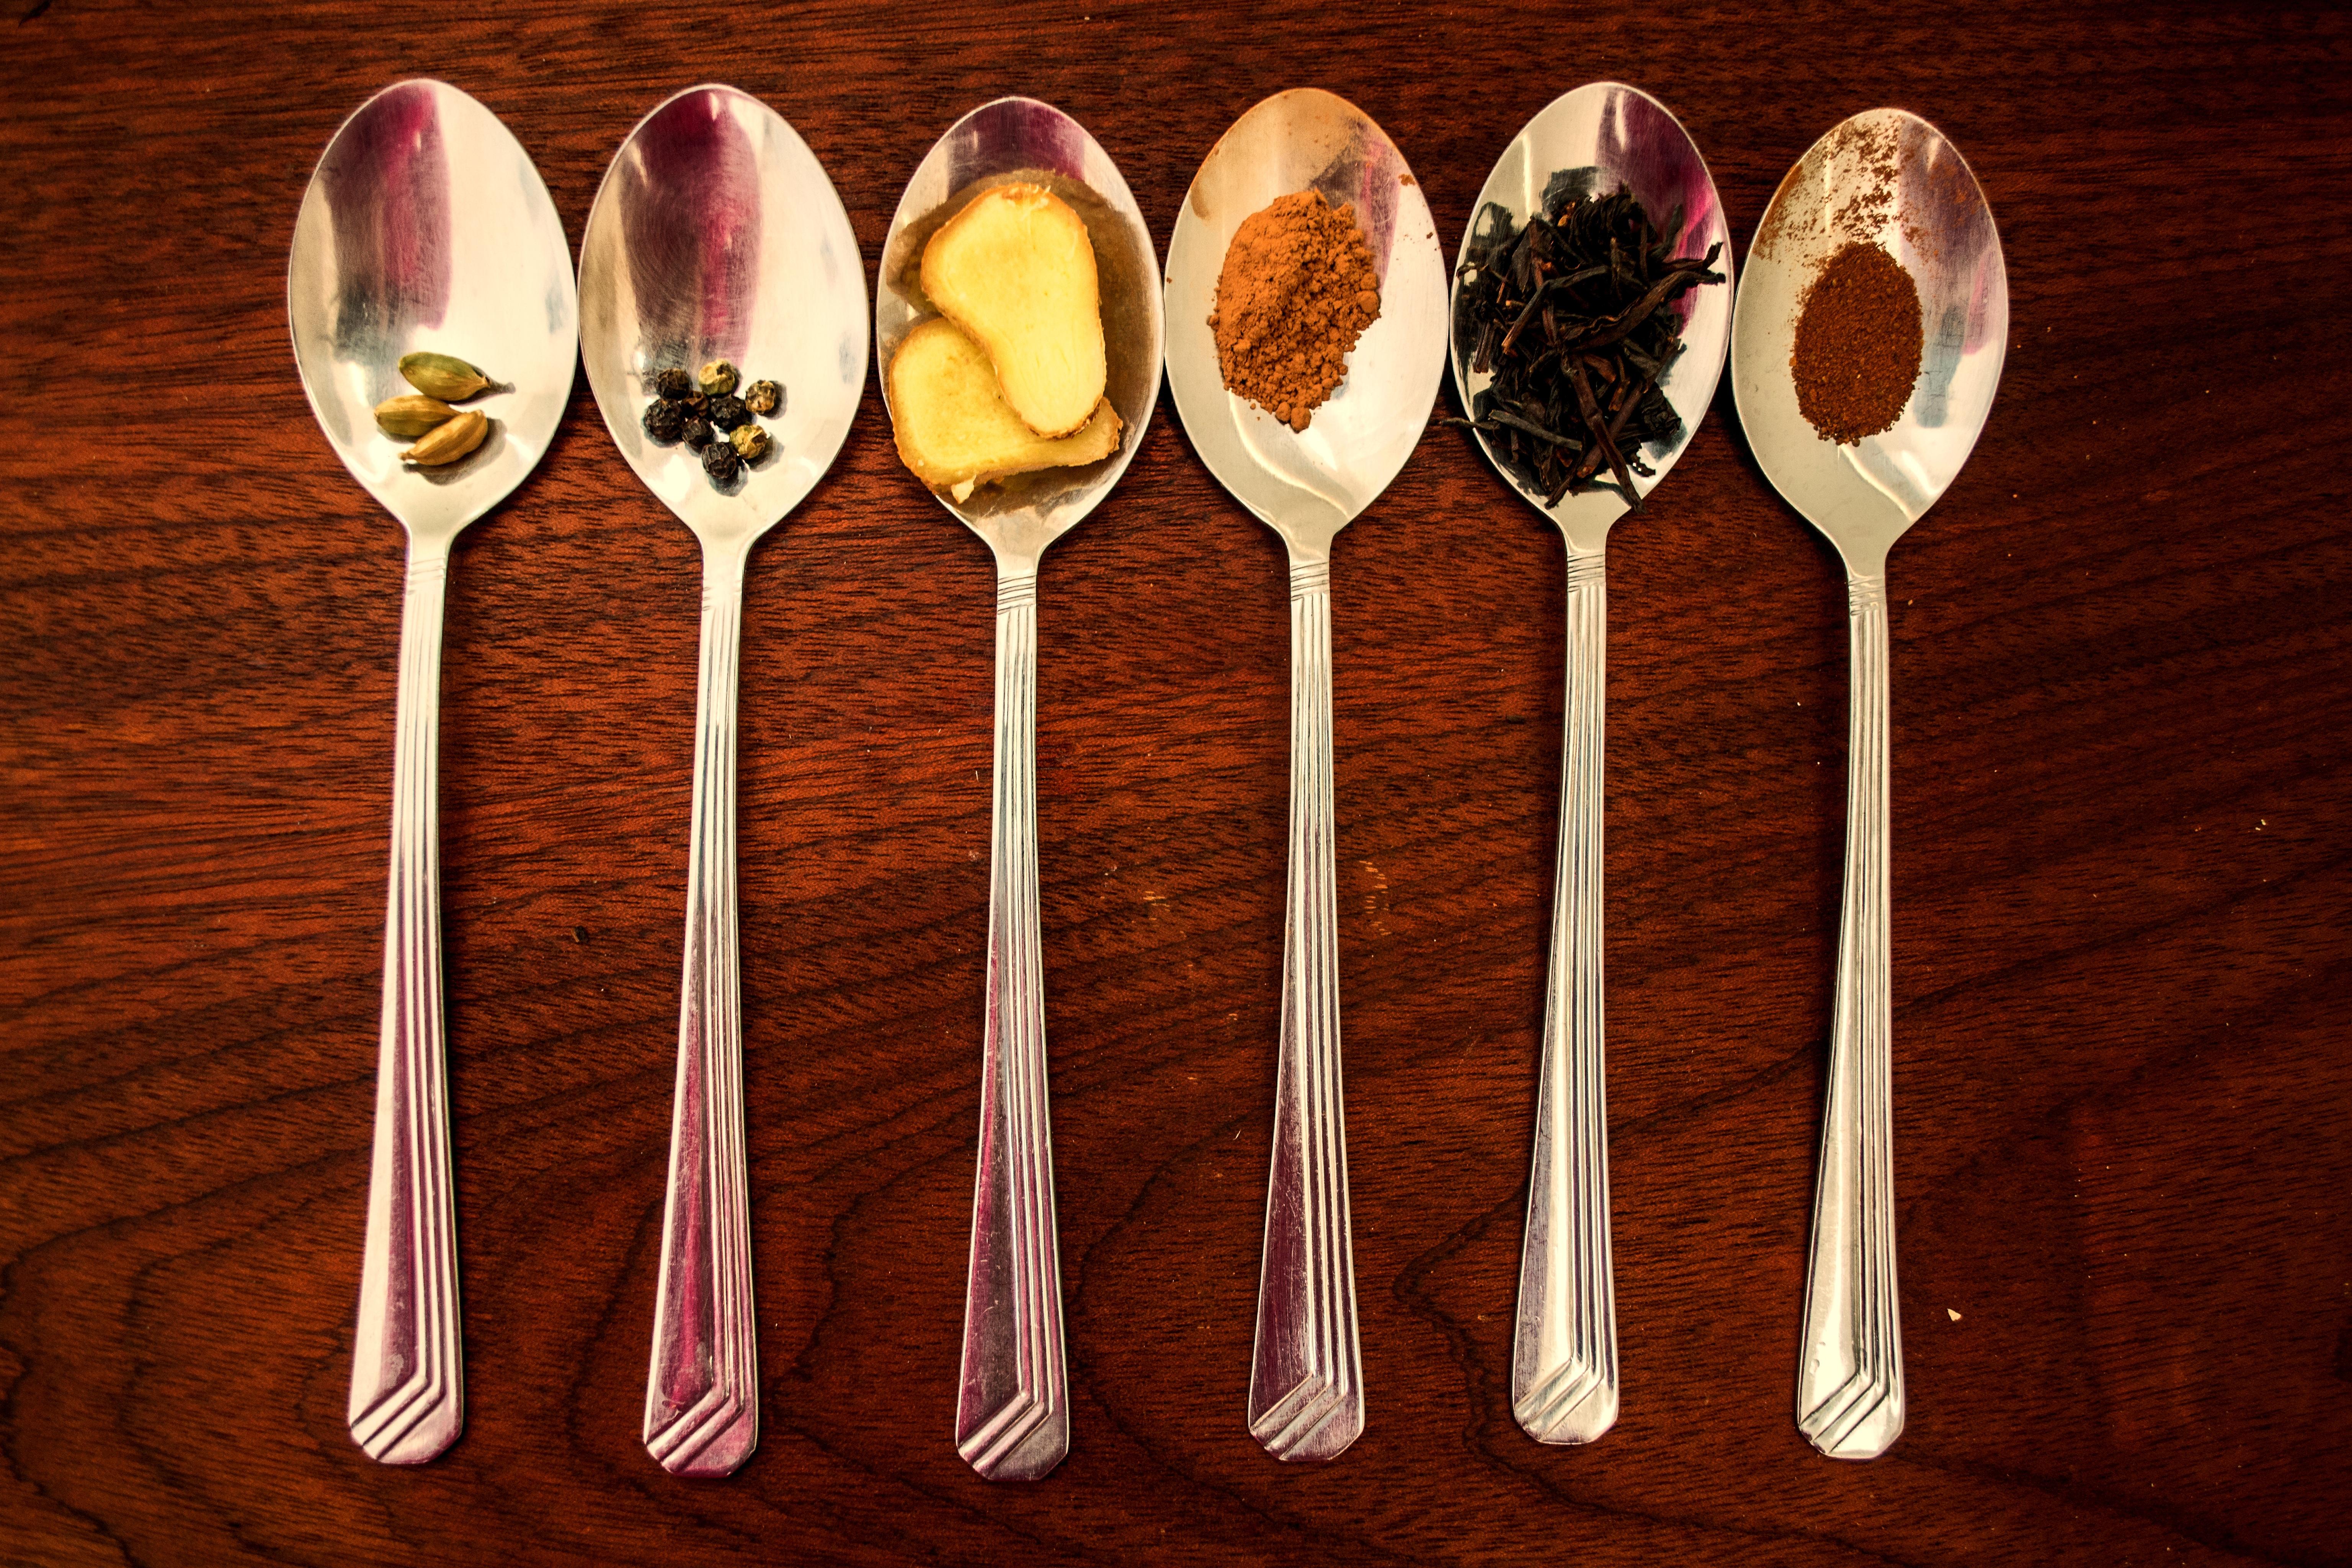 Epices et ingrédients dans des cuillères